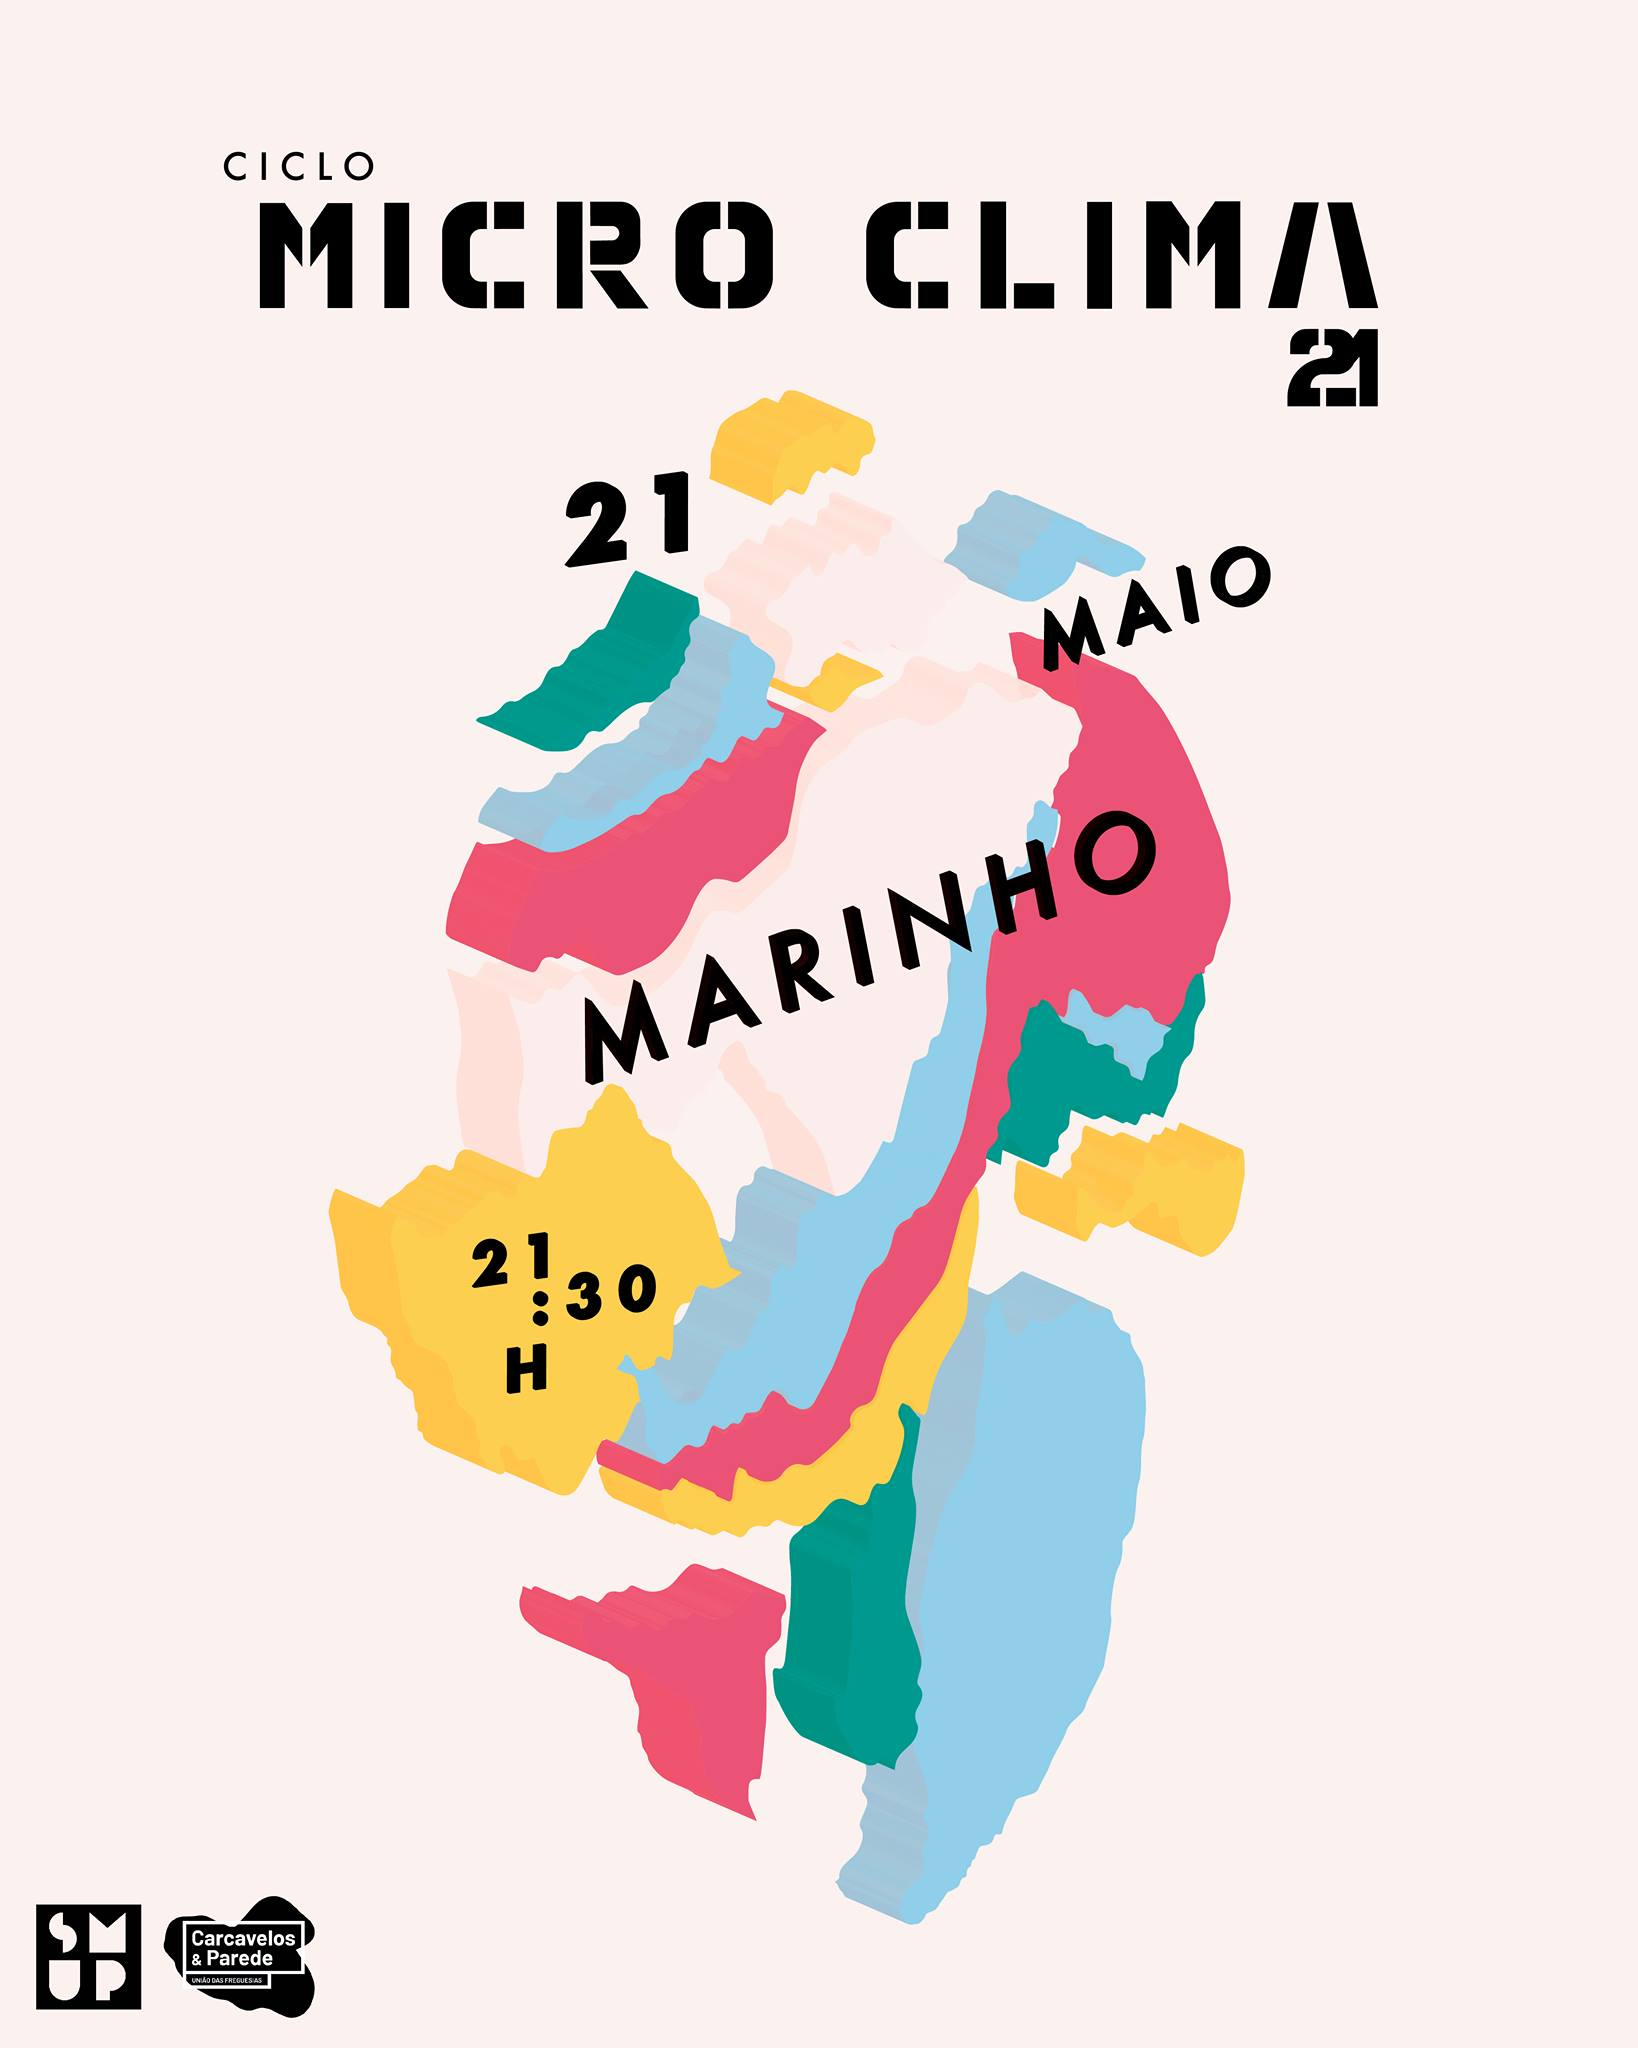 Ciclo Micro Clima - Marinho